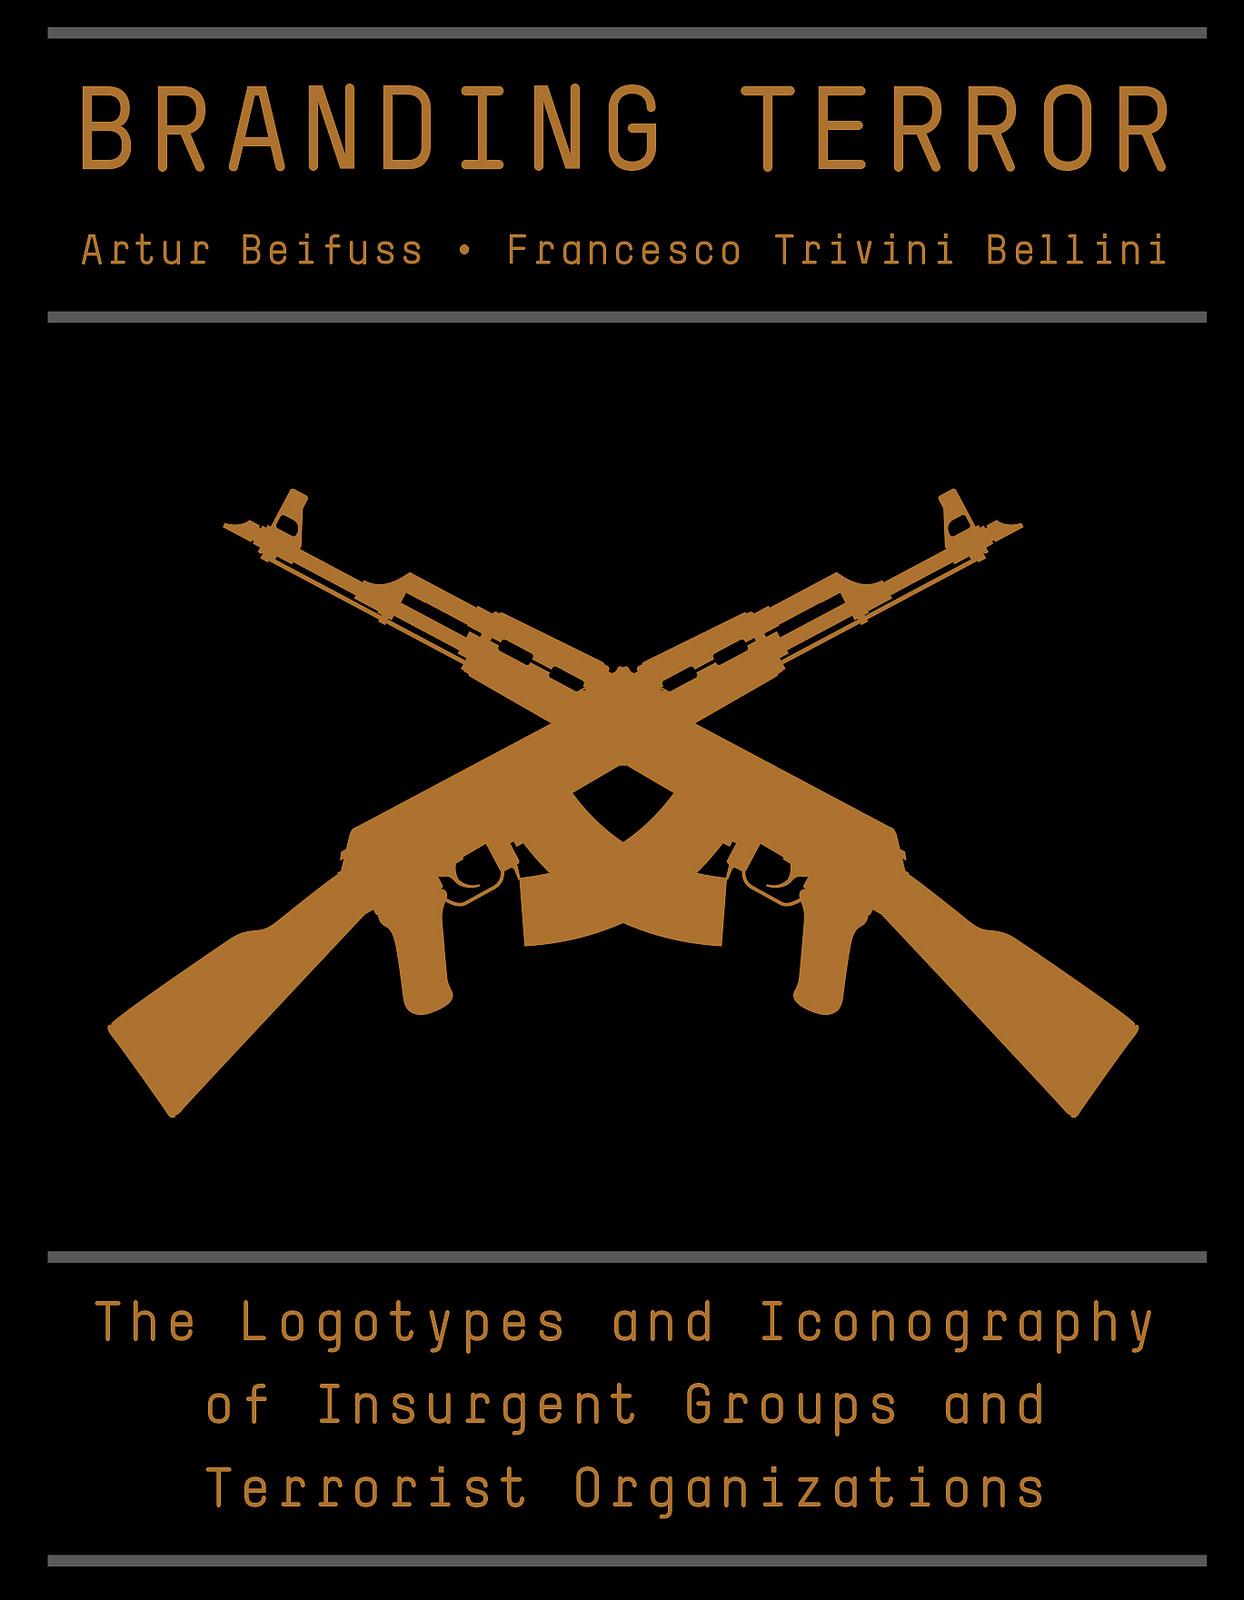 nerdcore :      Branding Terrorism:   http://www.crackajack.de/2014/05/07/branding-terrorism/